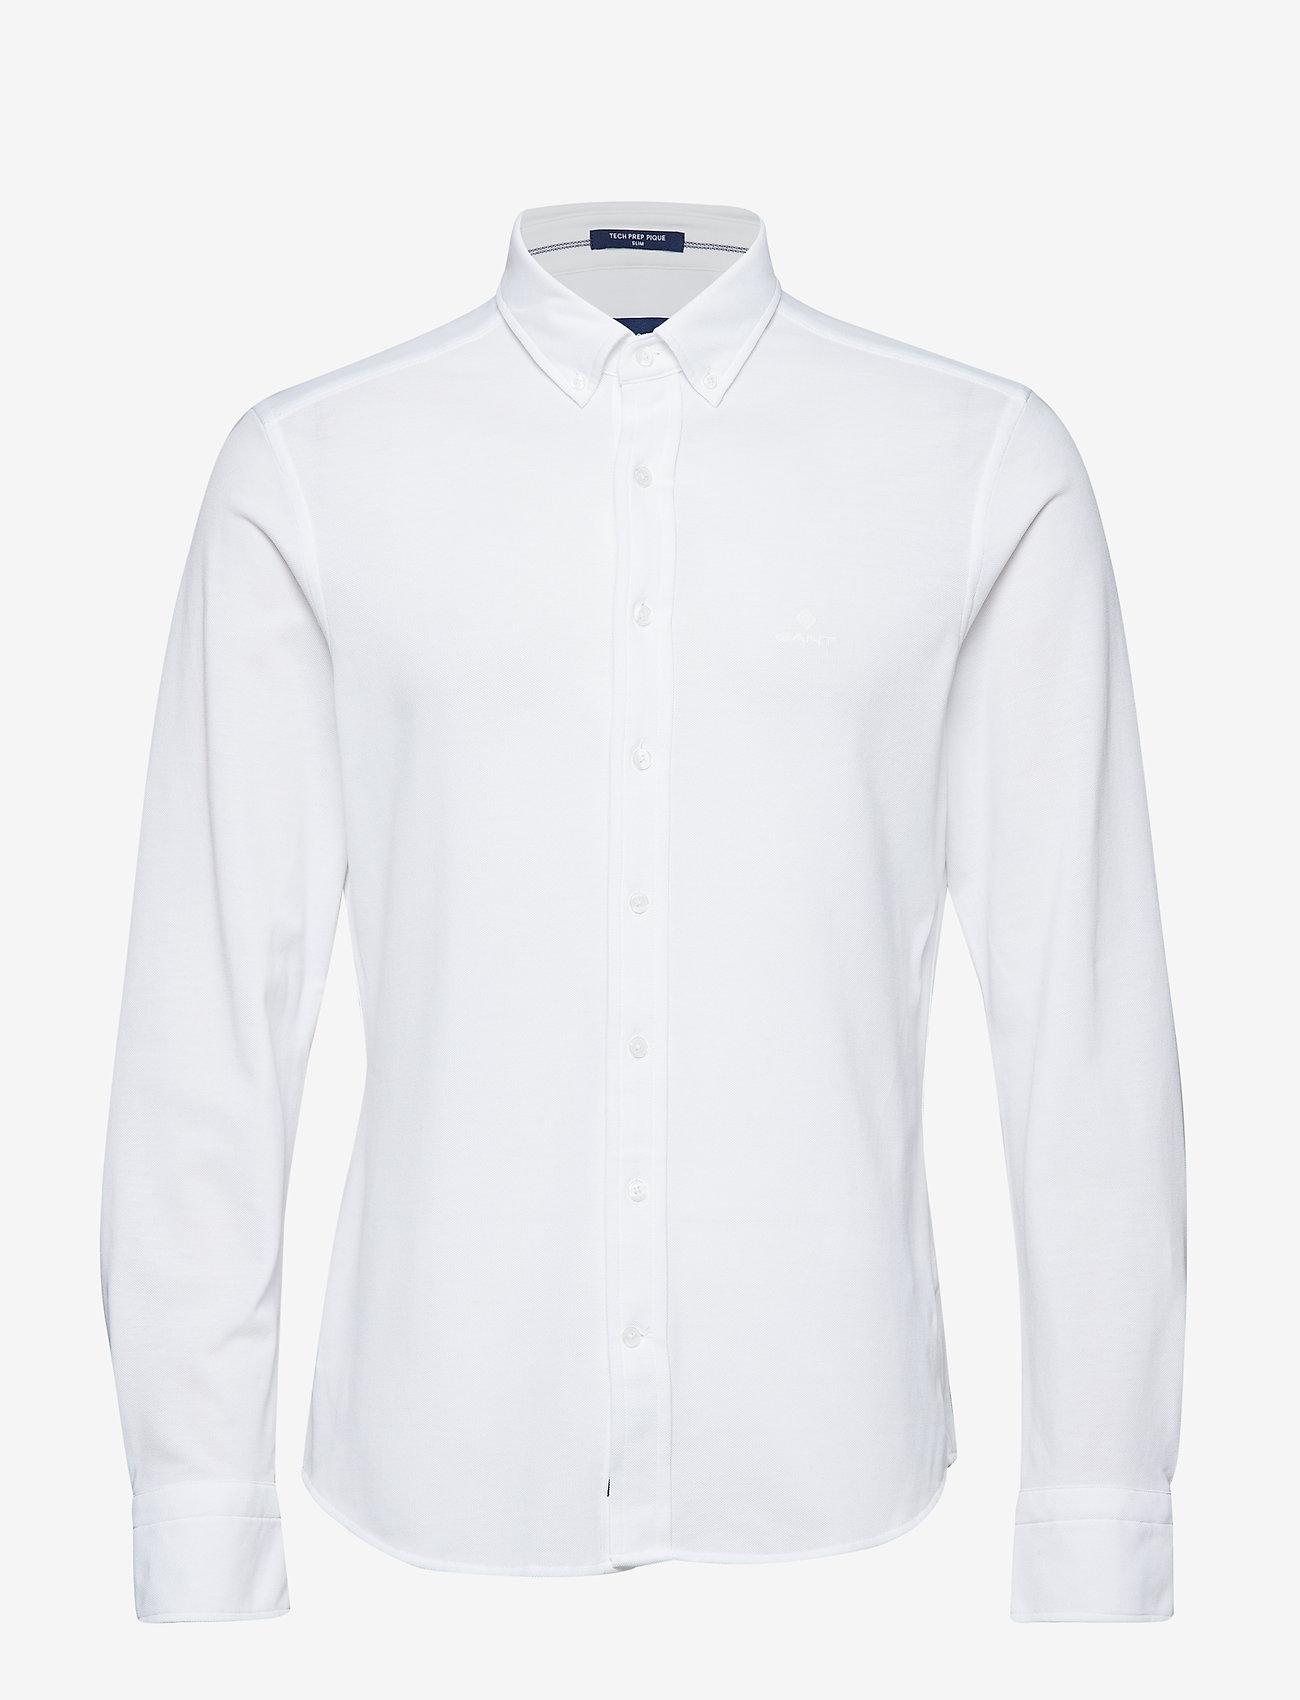 GANT - TP SLIM PIQUE BD - basic shirts - white - 0